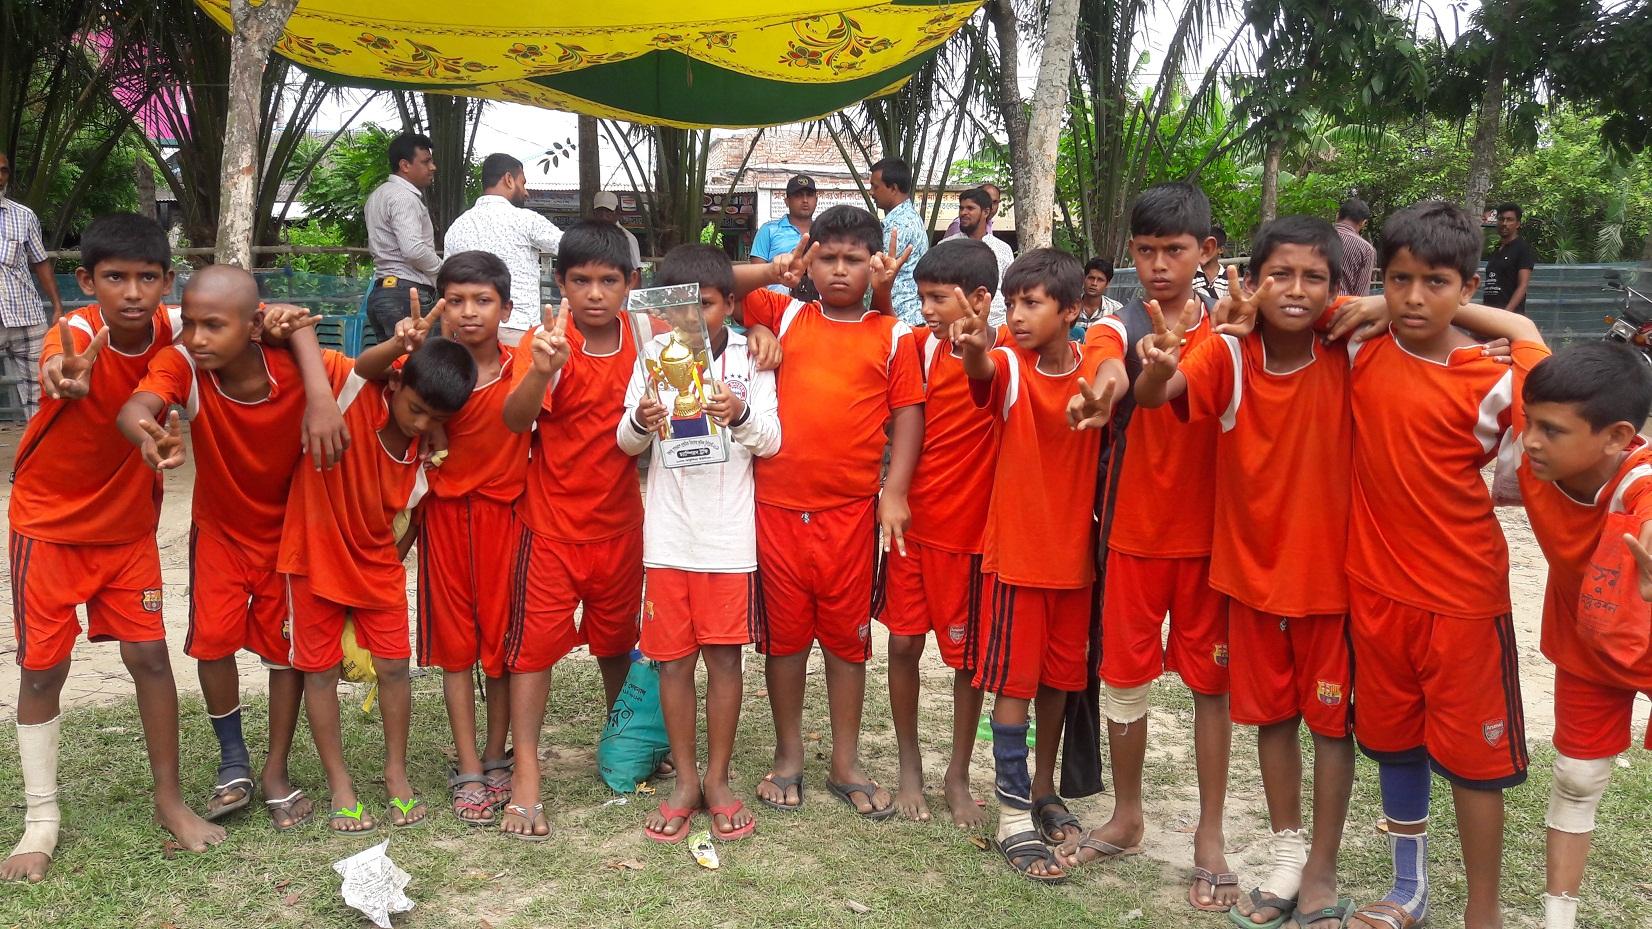 দেবহাটায় বঙ্গবন্ধু ও বঙ্গমাতা গোল্ডকাপ ফুটবল টুর্নামেন্টের উদ্বোধন